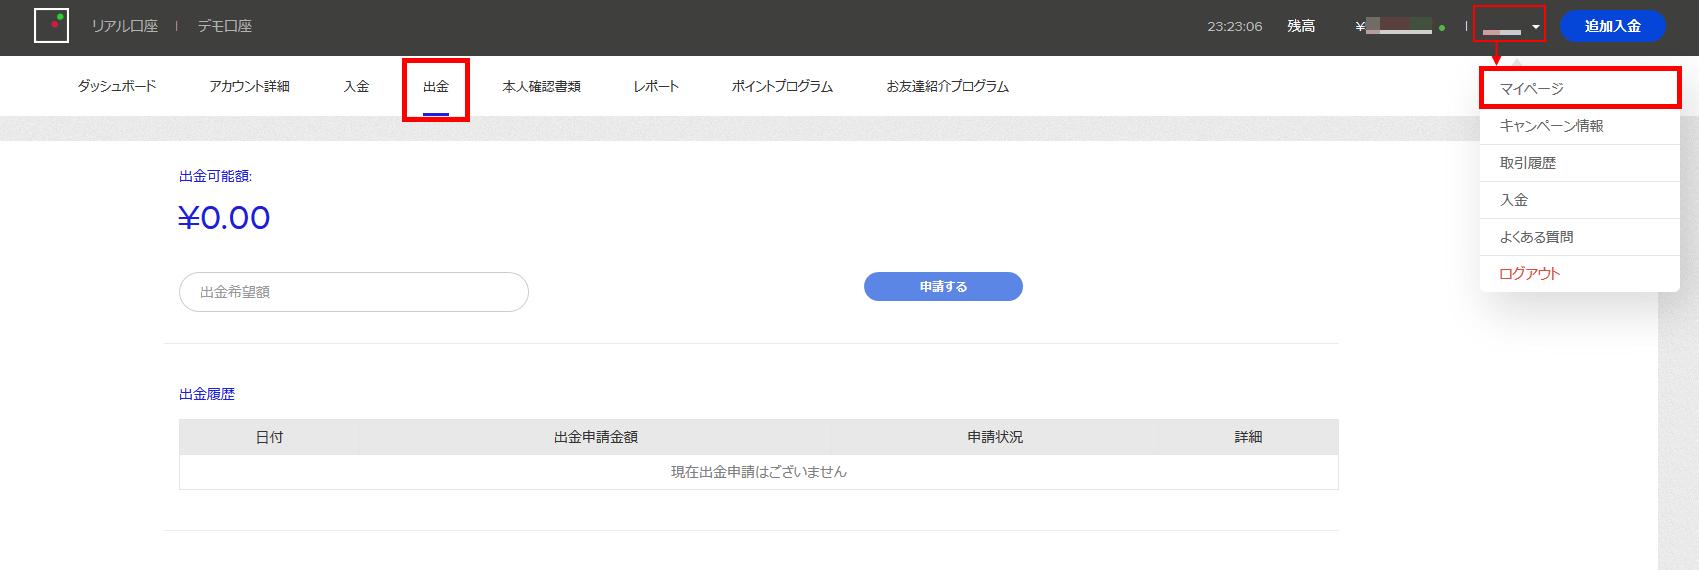 ザ・オプションの出金申請画面へ移動する。